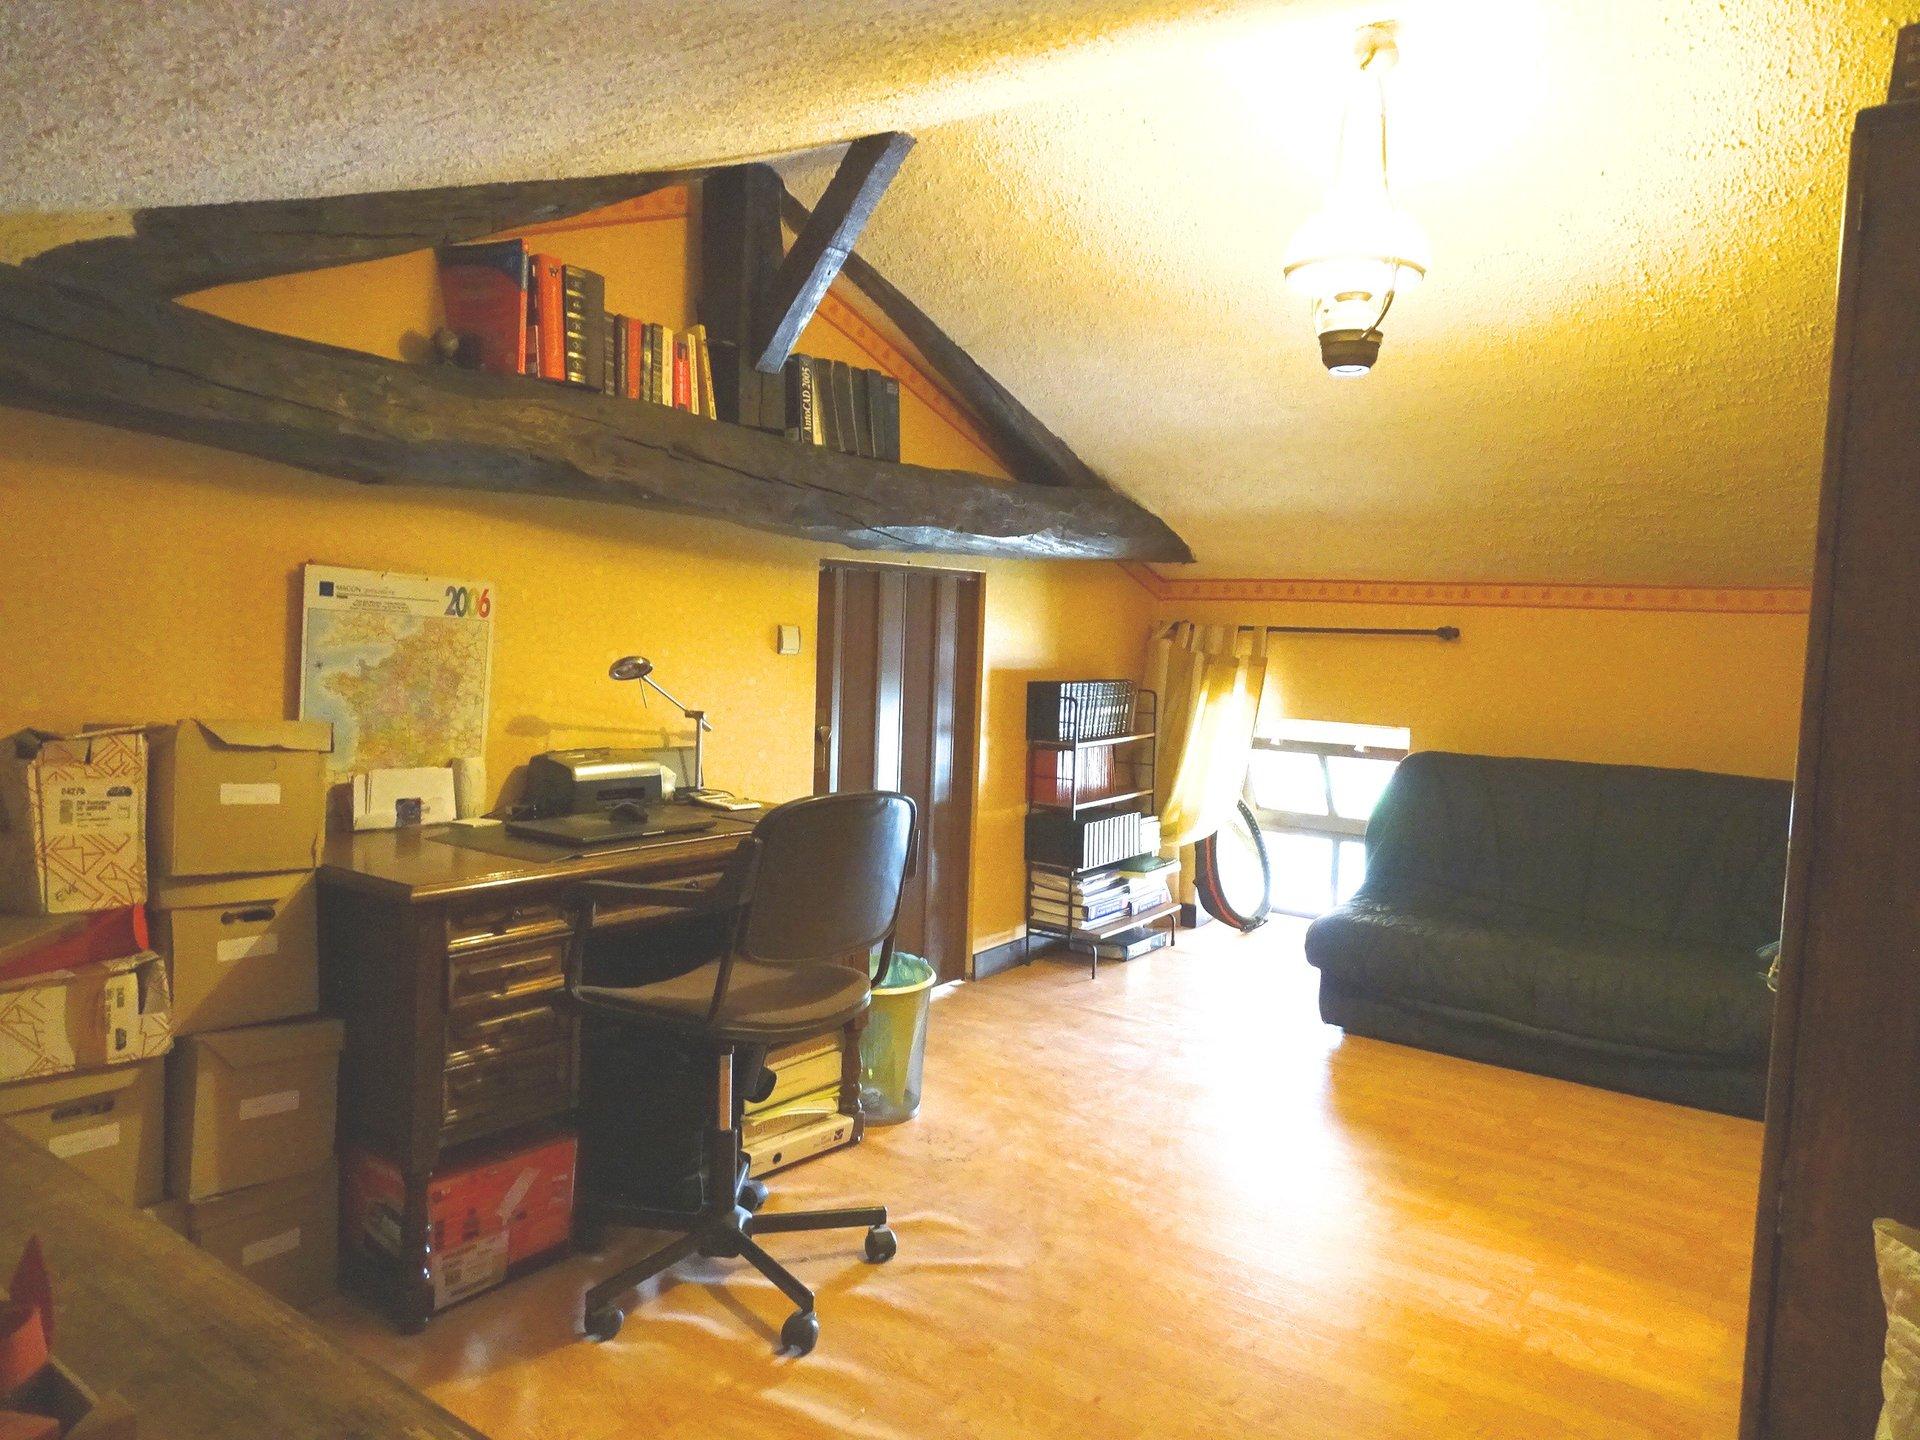 Venez découvrir cette belle maison en pierre à rafraîchir, d?une surface de 120 m2 habitable (138 m2 au sol) sur un terrain d?environ 770 m2. Elle se compose d?une belle pièce de vie donnant accès sur sa terrasse ou vous pourrez profiter de bon moment en famille ou entre amis. D?une grande cuisine avec espace repas, de deux chambres, d?une salle de bain et toilette indépendant. L?étage se compose d?une grande chambre, et d?un bureau.  Cette maison sur sous-sol dispose de nombreux espaces de stockage, et de caves.   Vous appréciez le charme de l?ancien à aménager selon vos goûts.   À découvrir sans tarder.   Honoraires à la charge du vendeur.